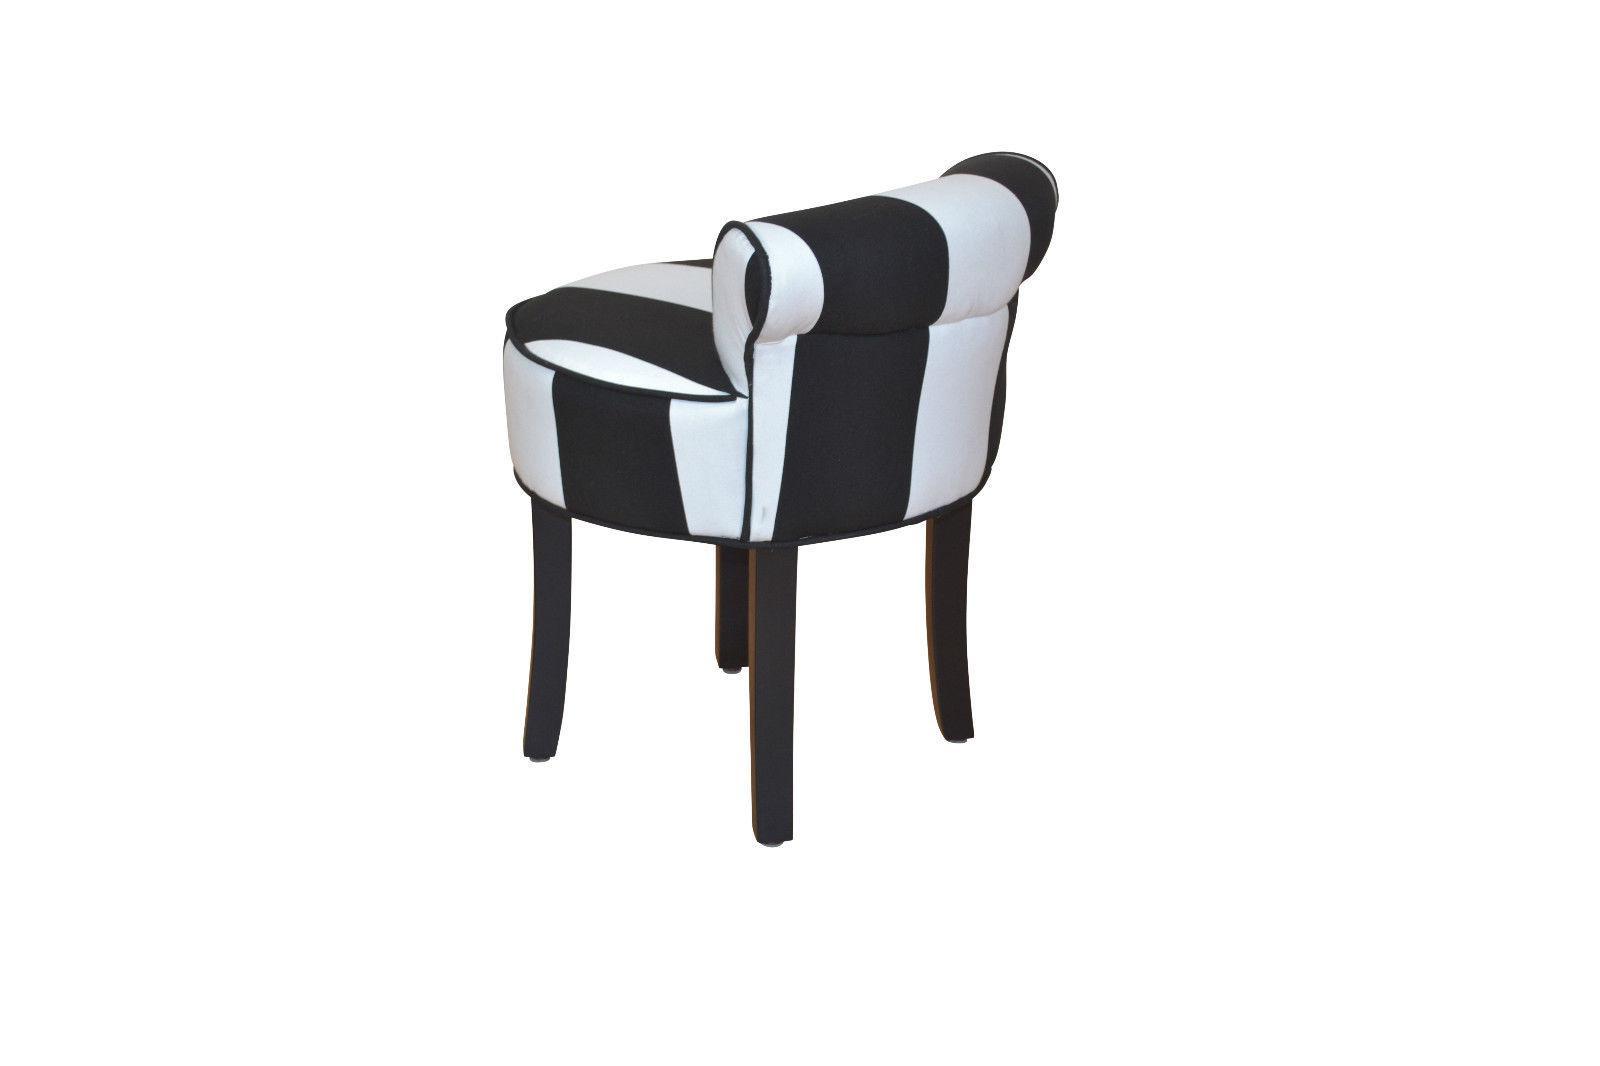 Hocker modern schwarz  Sitzhocker Stoff schwarz weiß Hocker Sitz Rückenlehne massiv ...